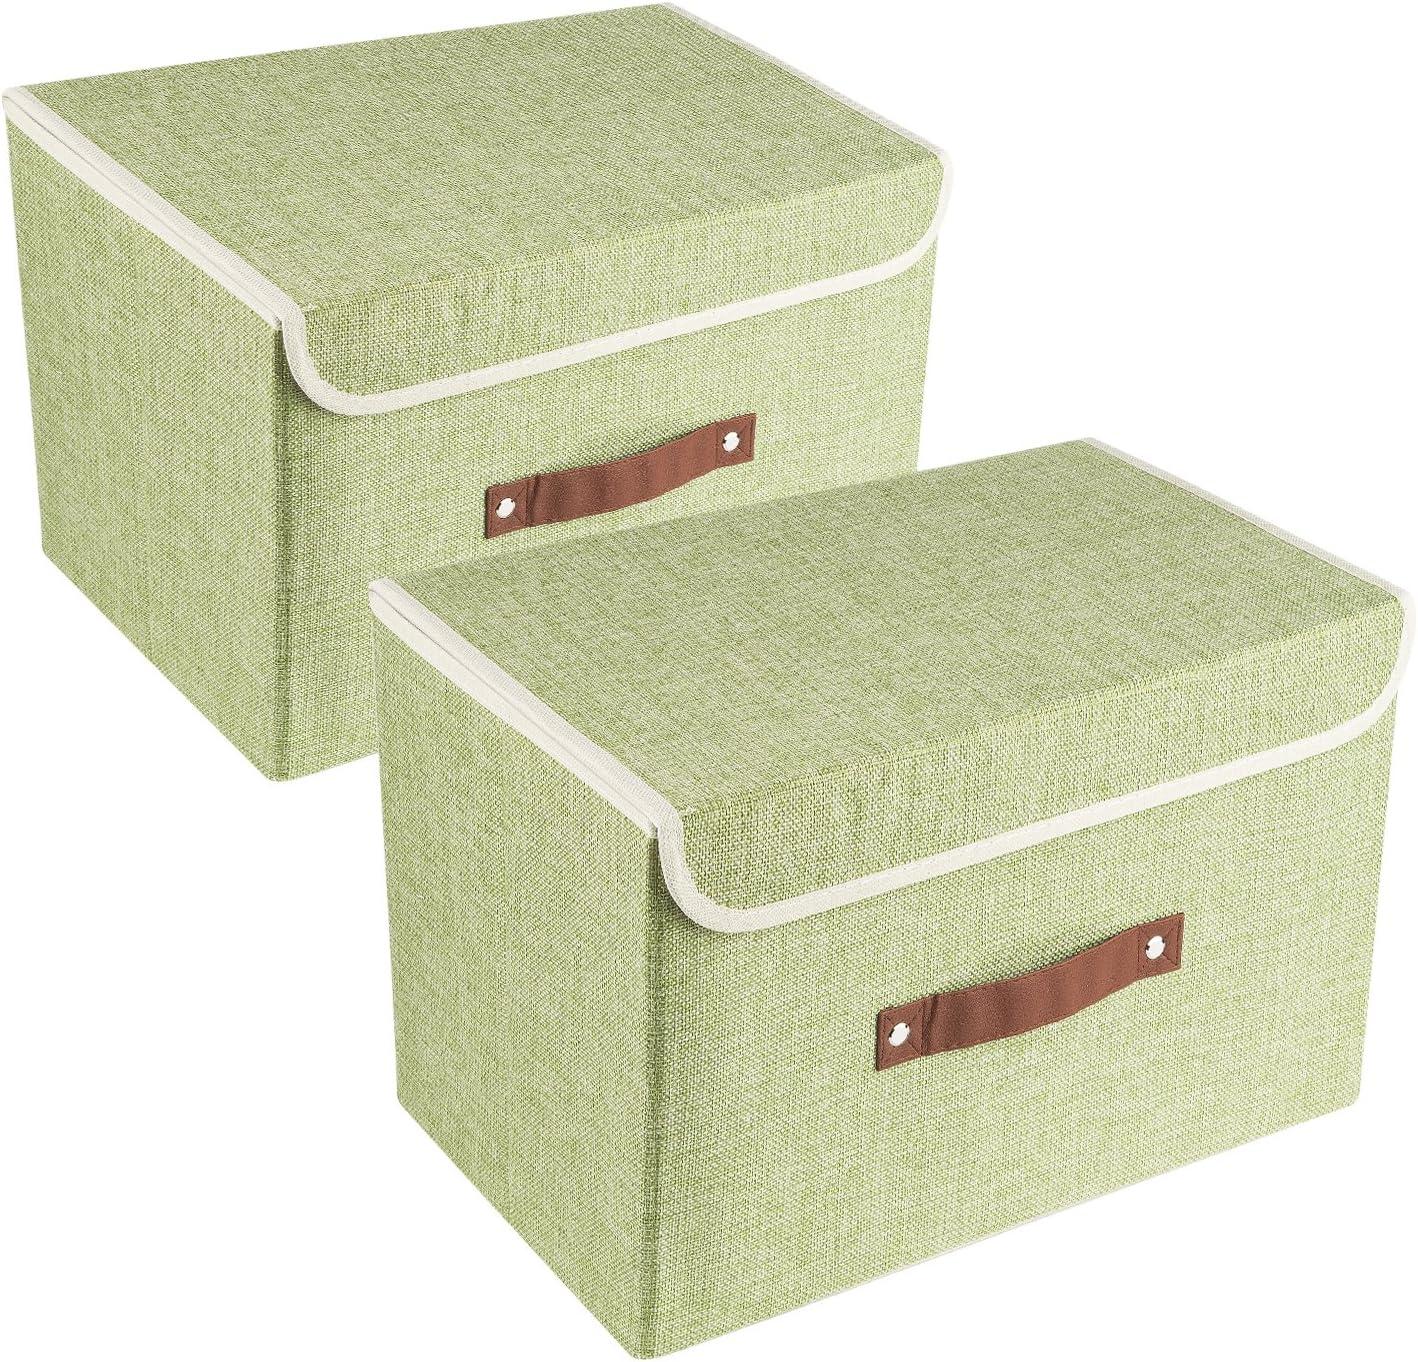 UMI. by Amazon 2 Cajas de Almacenamiento Plegables con Tapas, Cajas Organizadoras - Verde: Amazon.es: Hogar